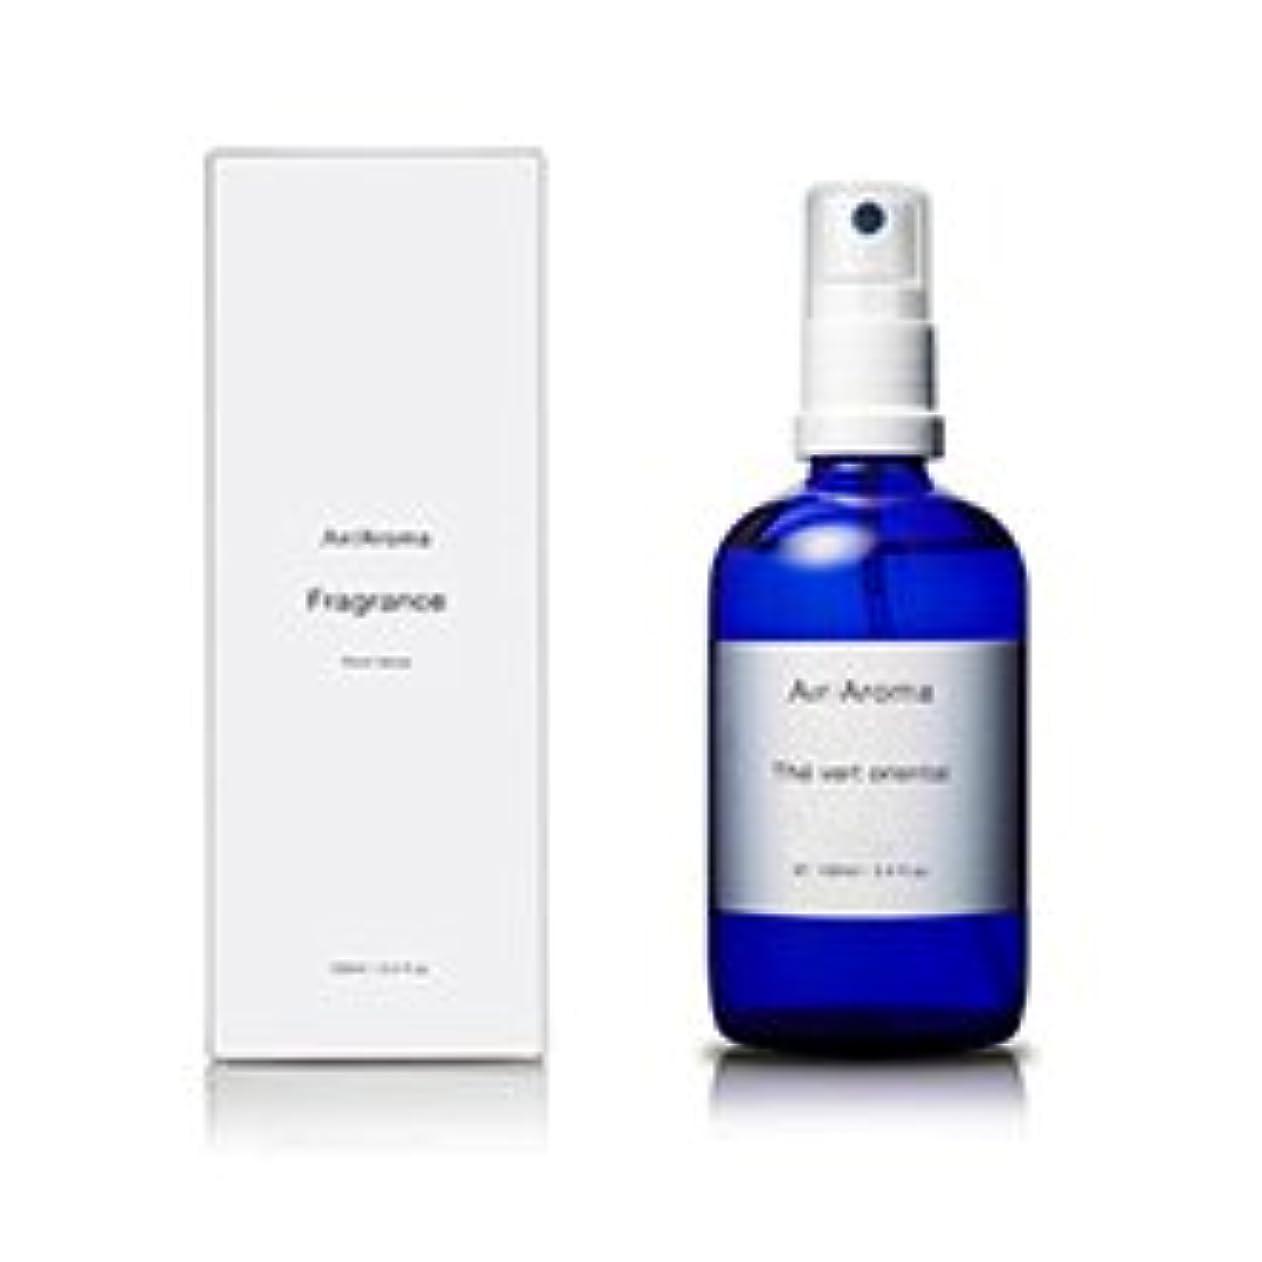 ブリリアントカプセル入学するエアアロマ the vert oriental room fragrance(テヴェールオリエンタル ルームフレグランス) 100ml